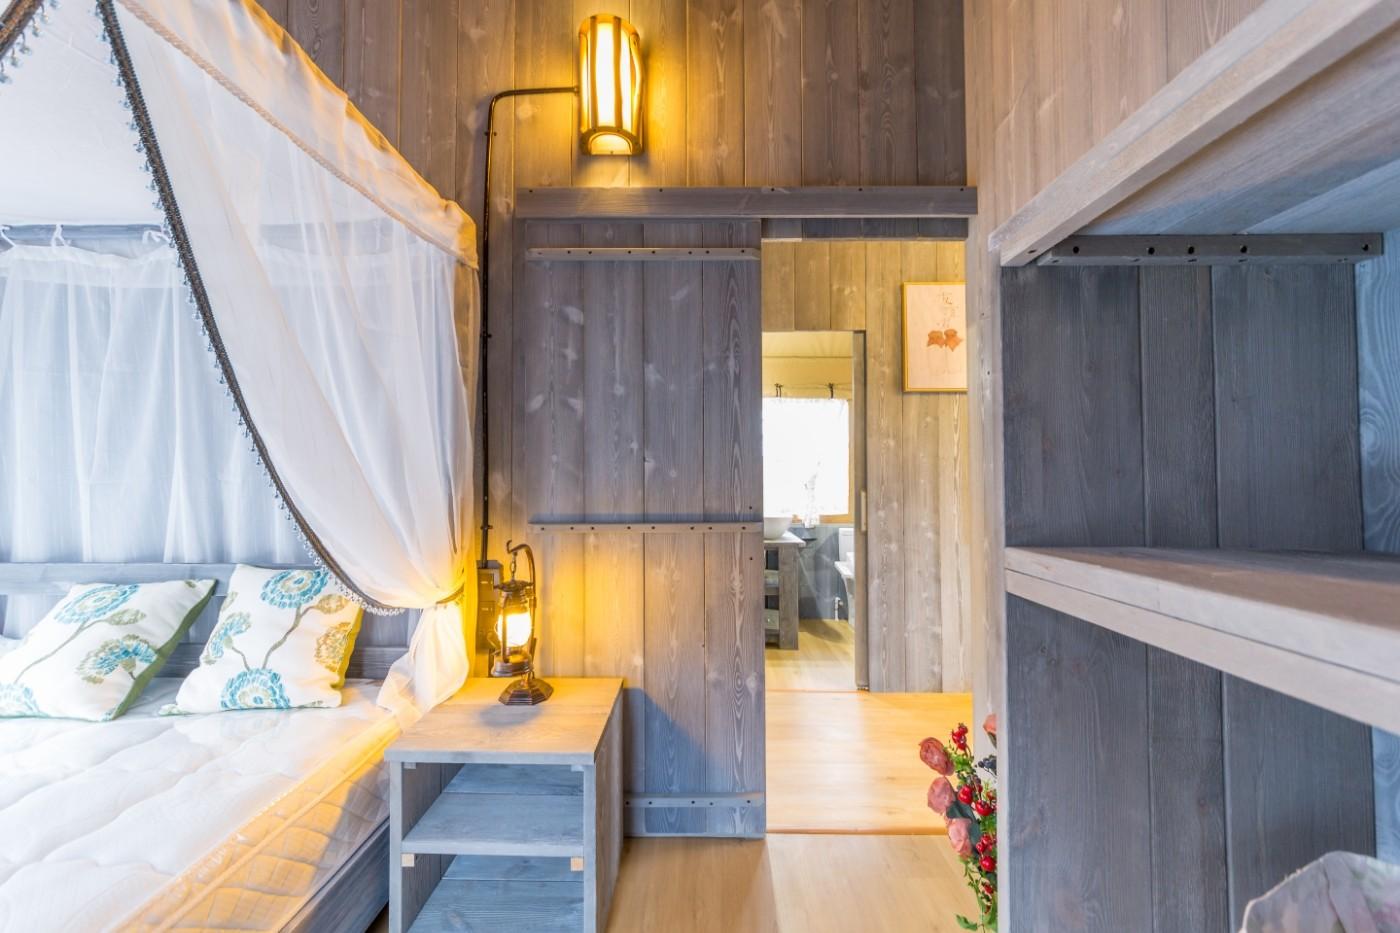 喜马拉雅野奢帐篷酒店—江苏茅山宝盛园(二期)32